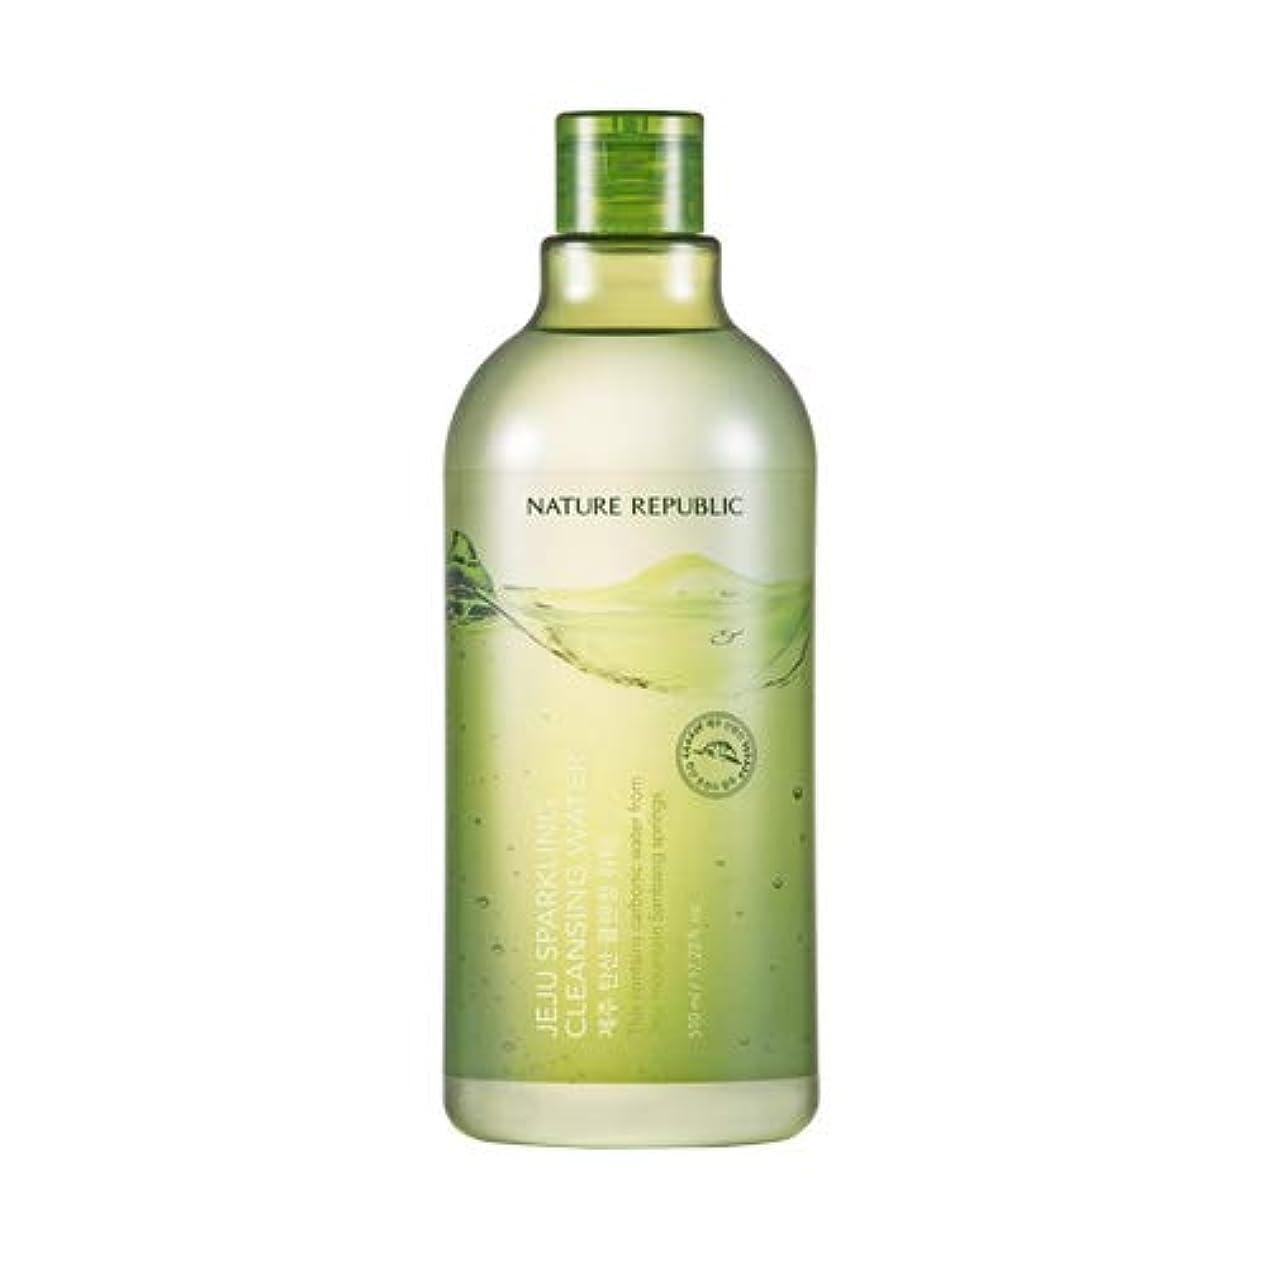 ラリーベルモント連帯時系列Nature republic Jeju Sparkling(Carbonic) Cleansing Water ネイチャーリパブリック済州炭酸クレンジングウォーター 510ml [並行輸入品]